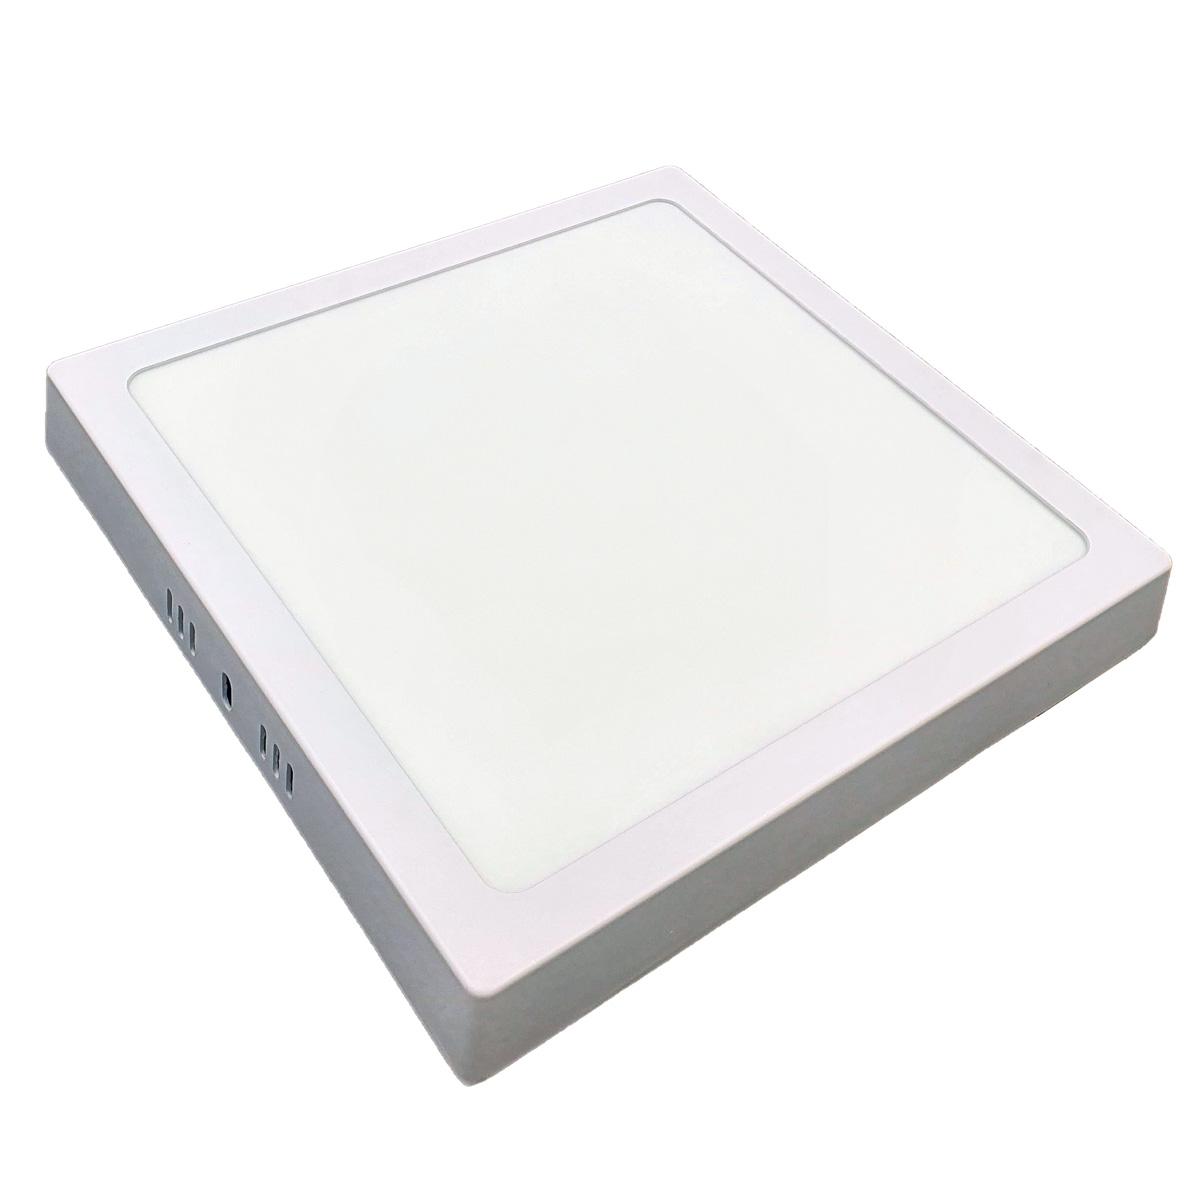 KIT 10  Painel Plafon LED 18w Quadrado Sobrepor Branco Frio Luminária